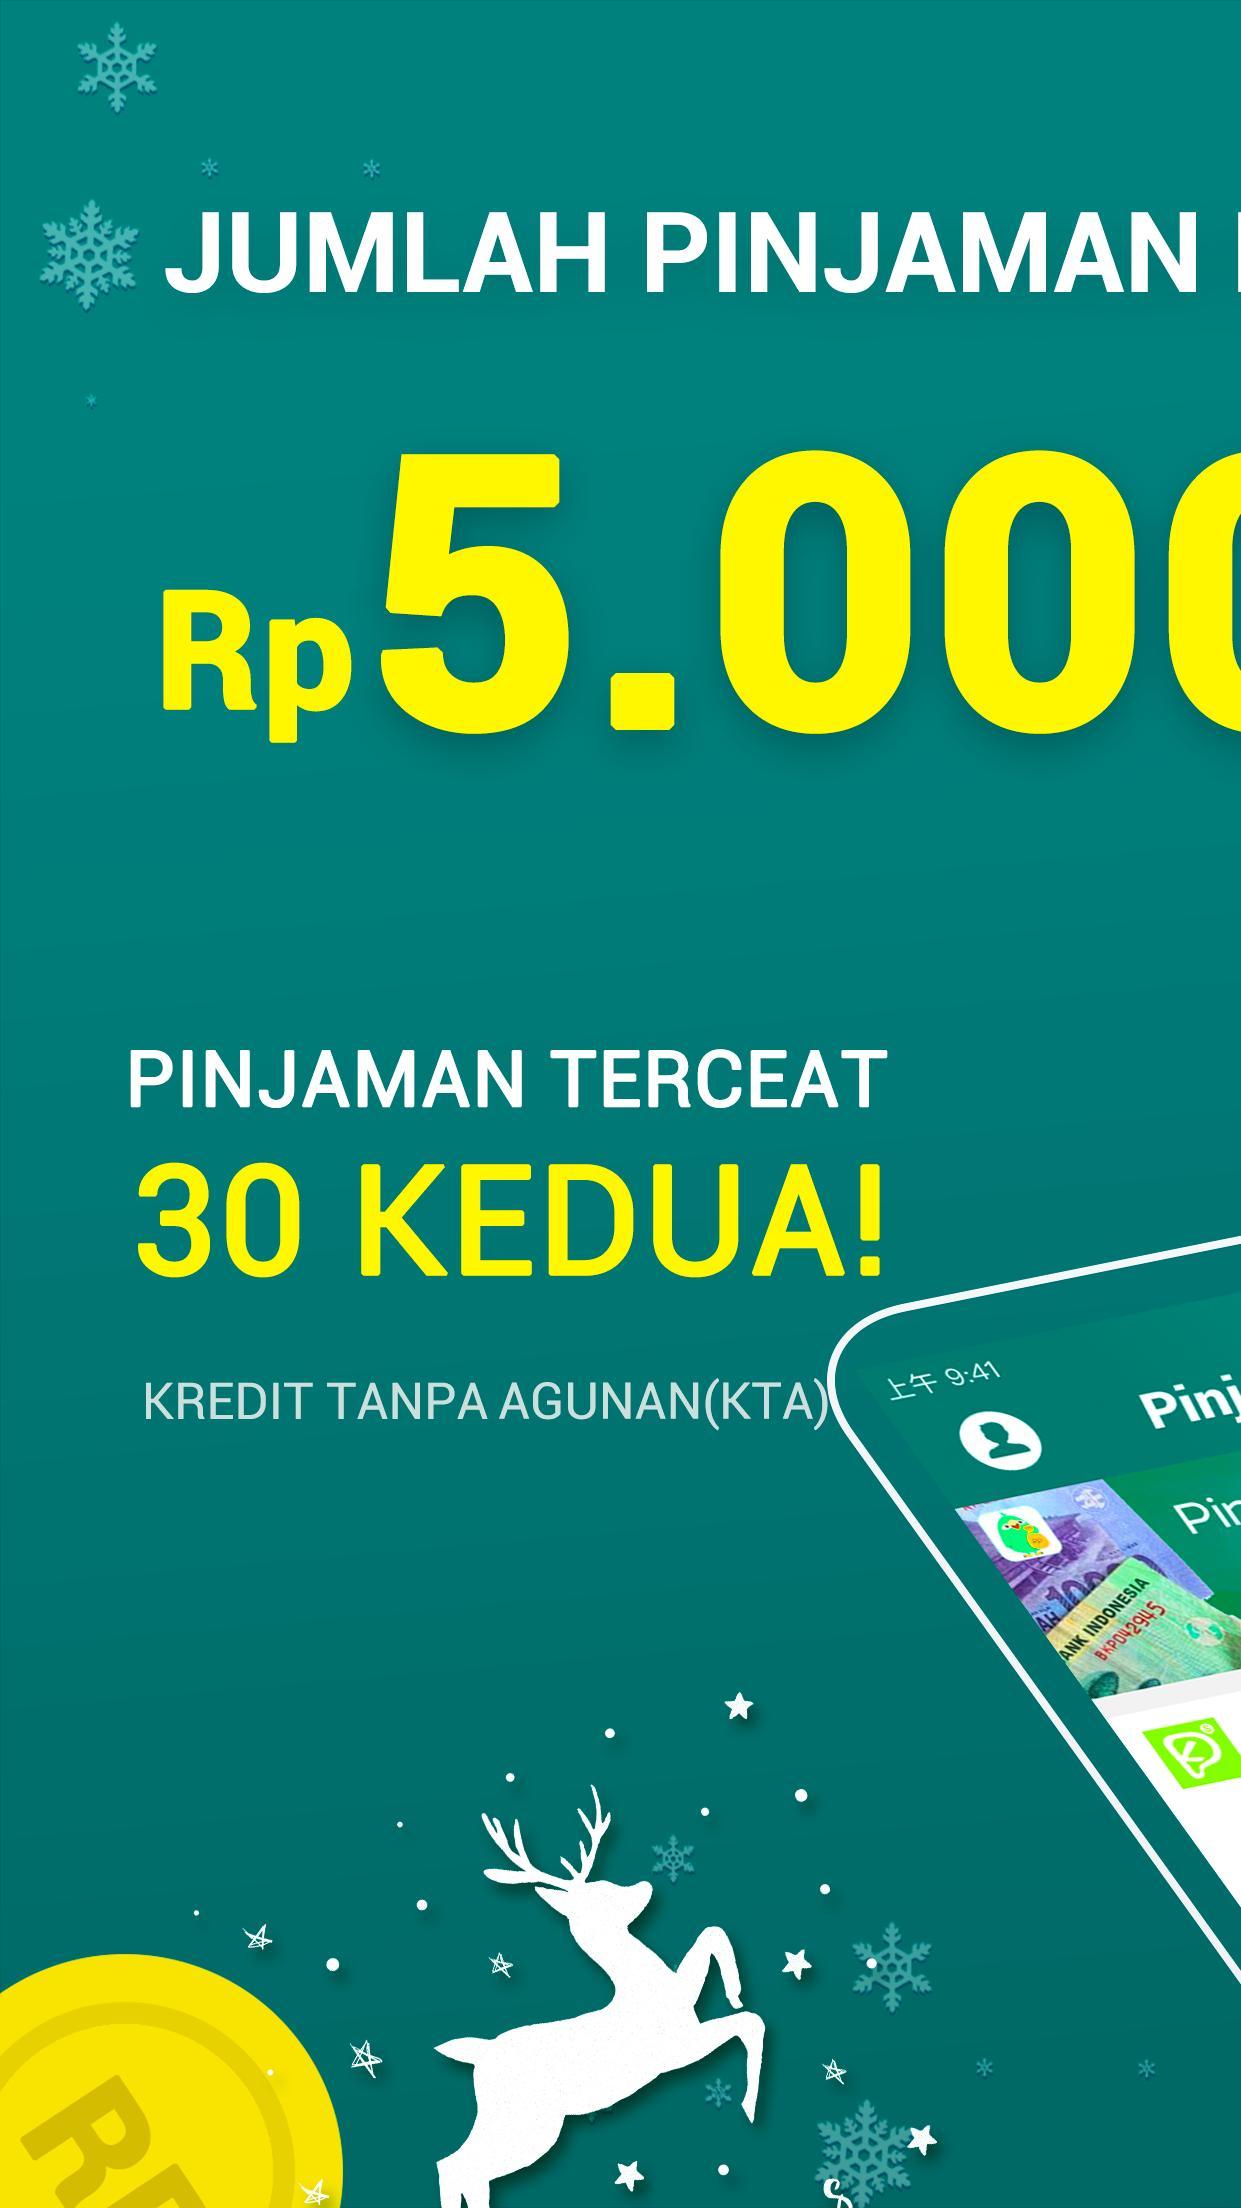 Pinjaman Kilat Pinjaman Online Kecil Cepat Mudah For Android